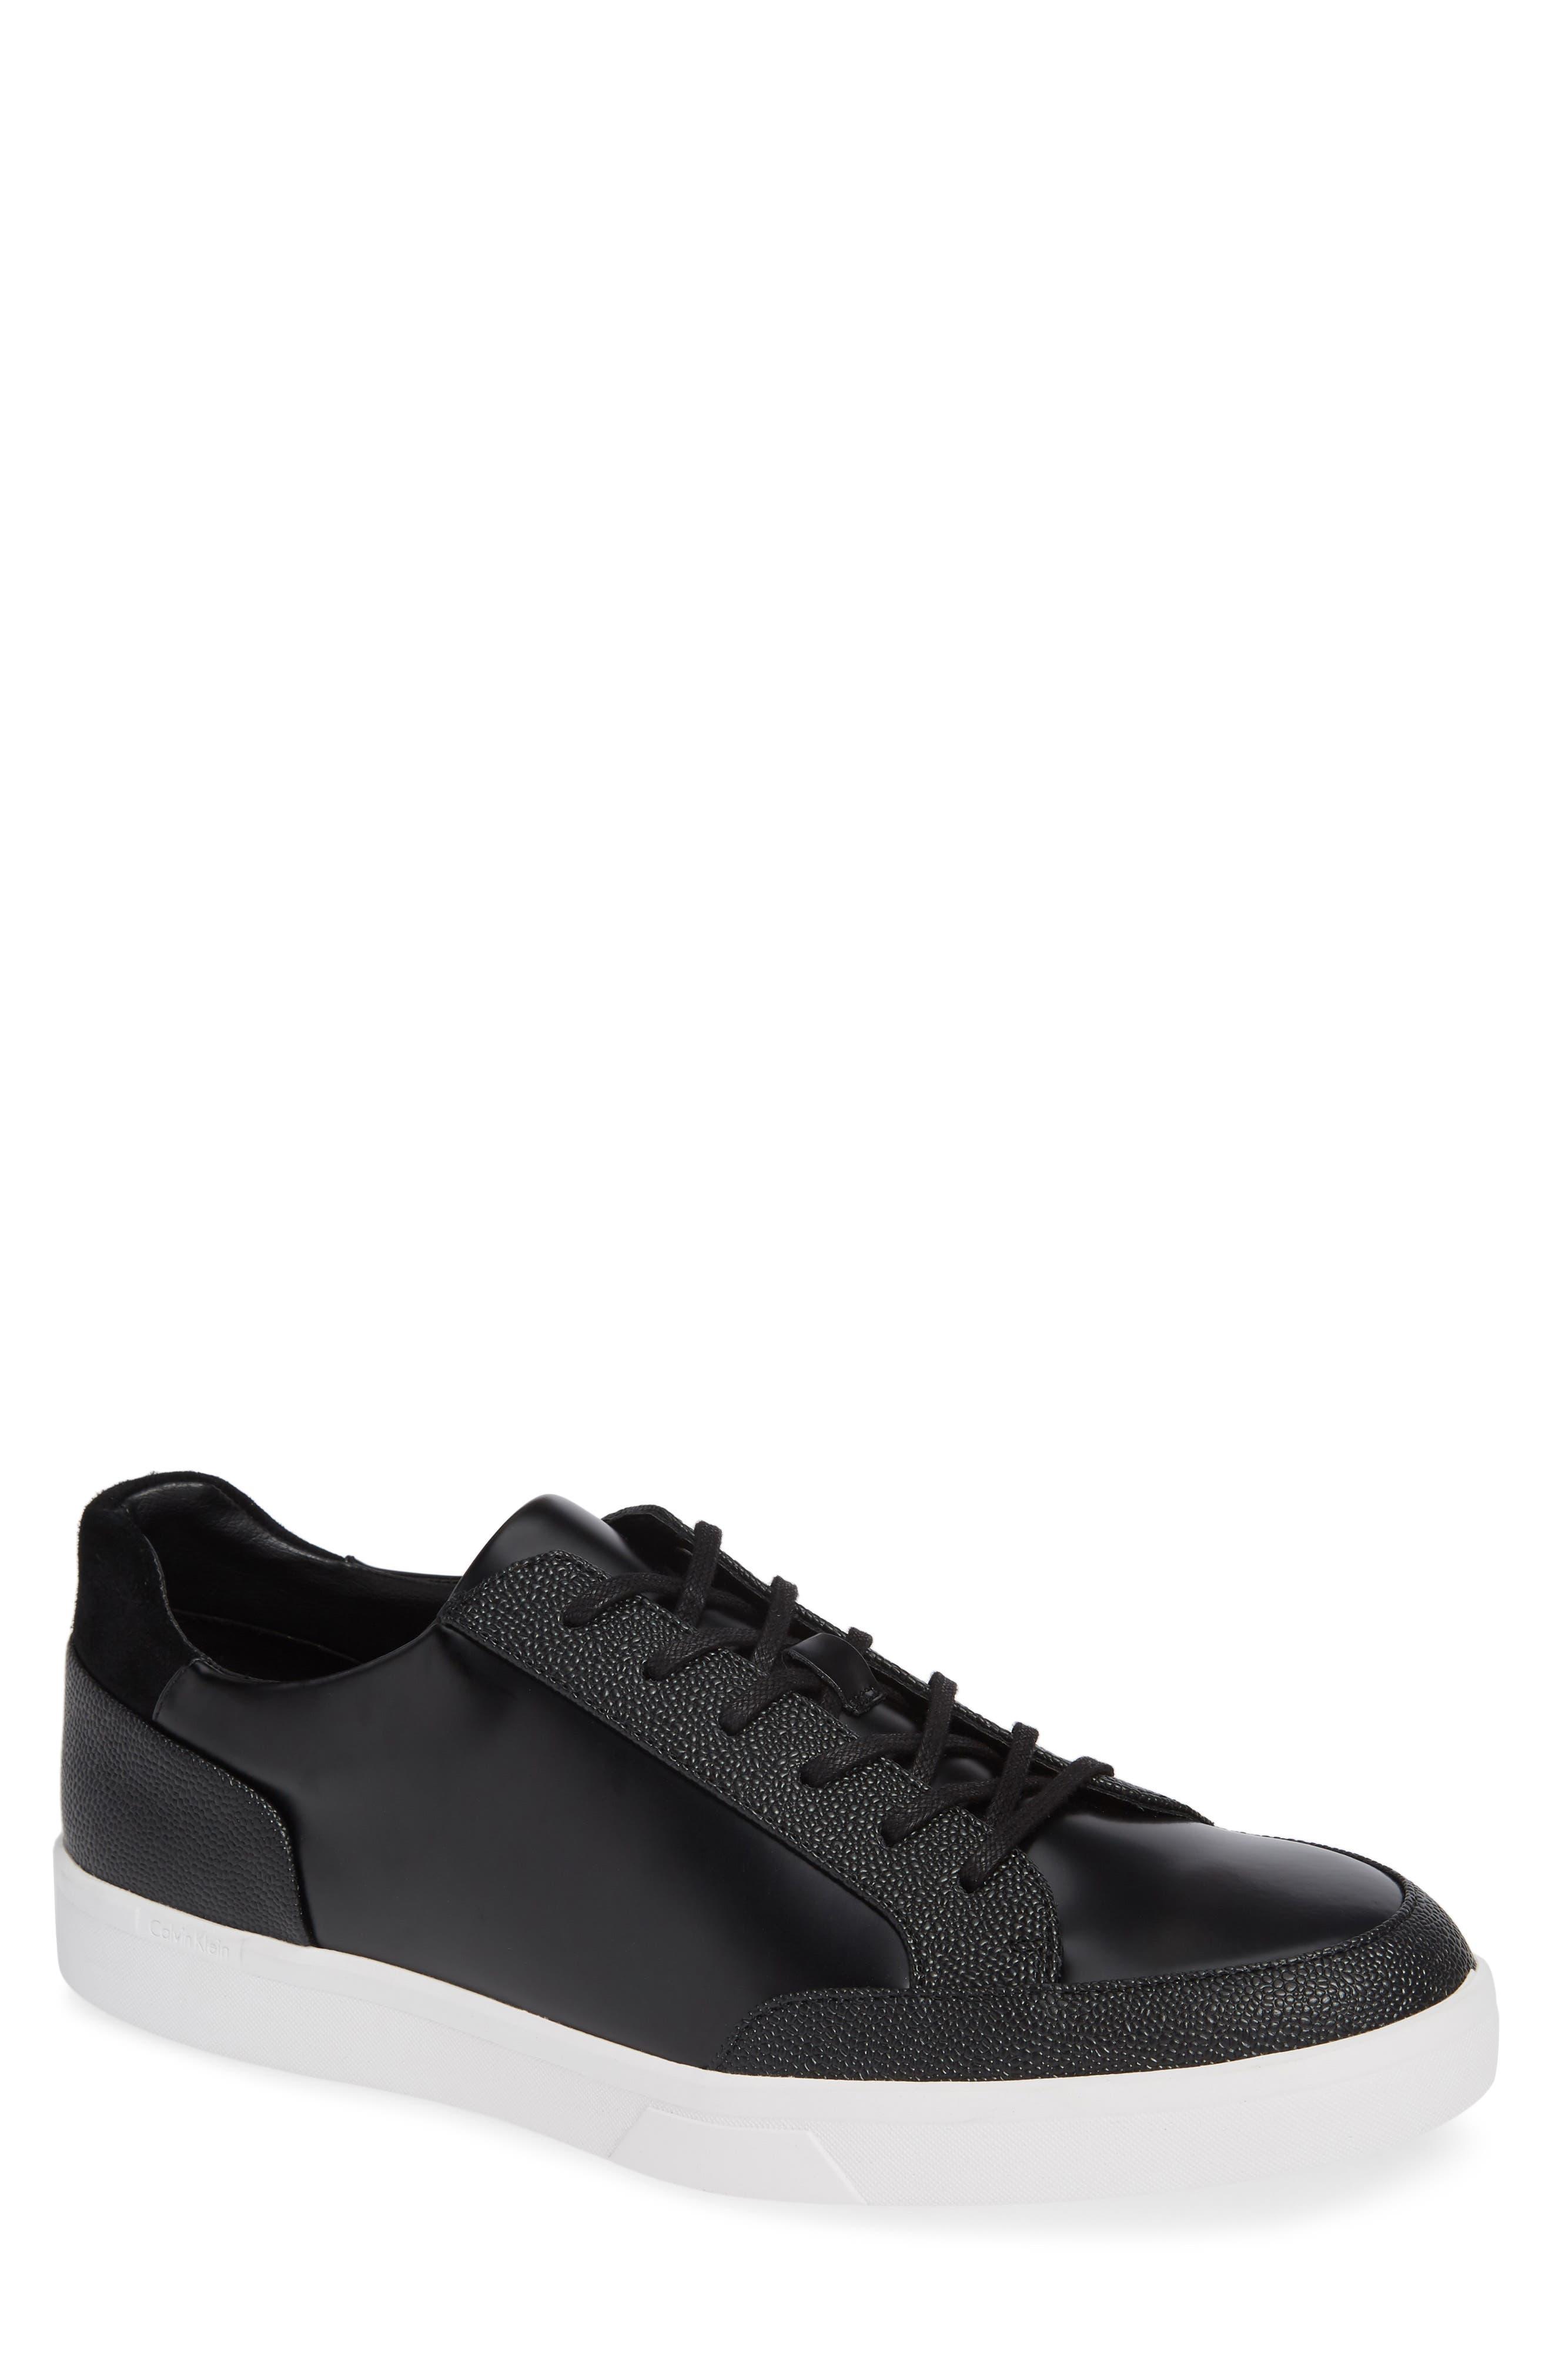 CALVIN KLEIN Izar Sneaker, Main, color, 001